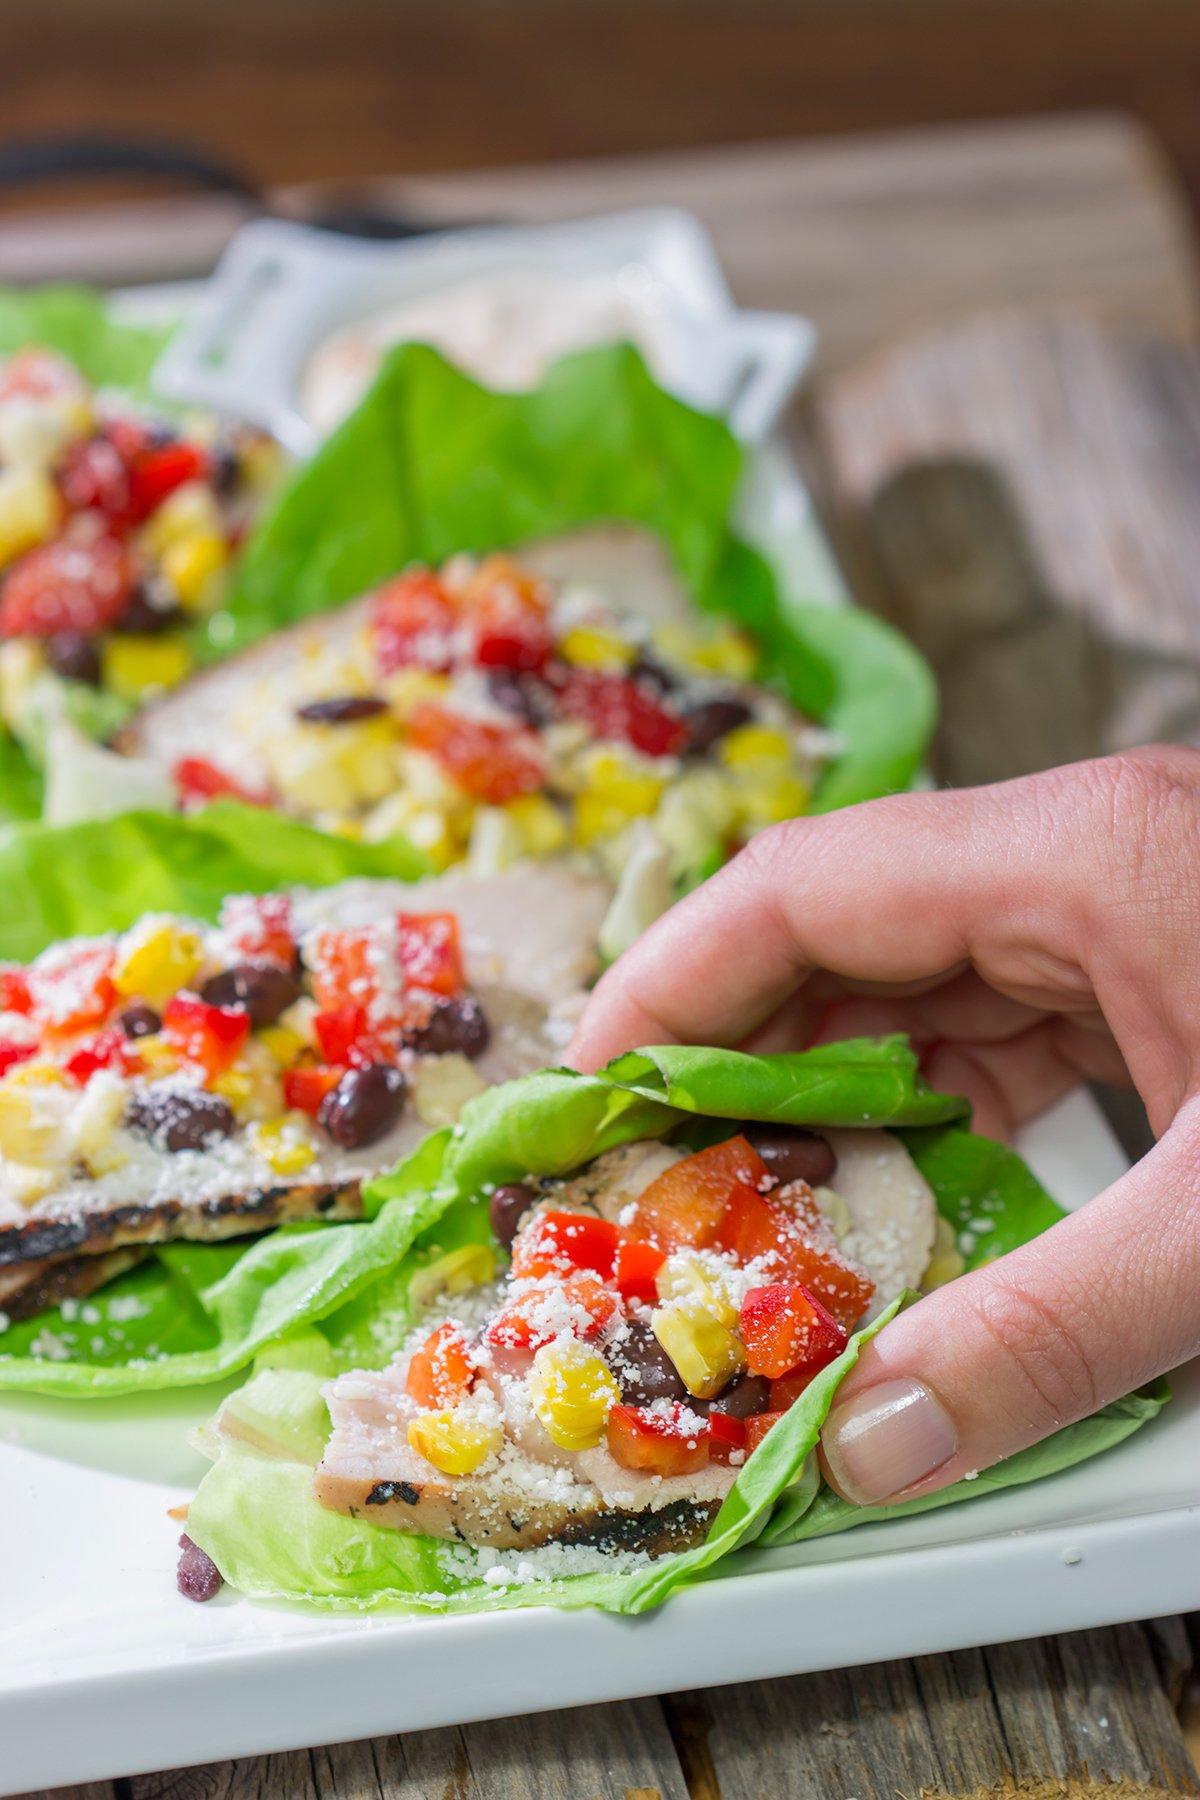 Southwest Pork Lettuce Wraps